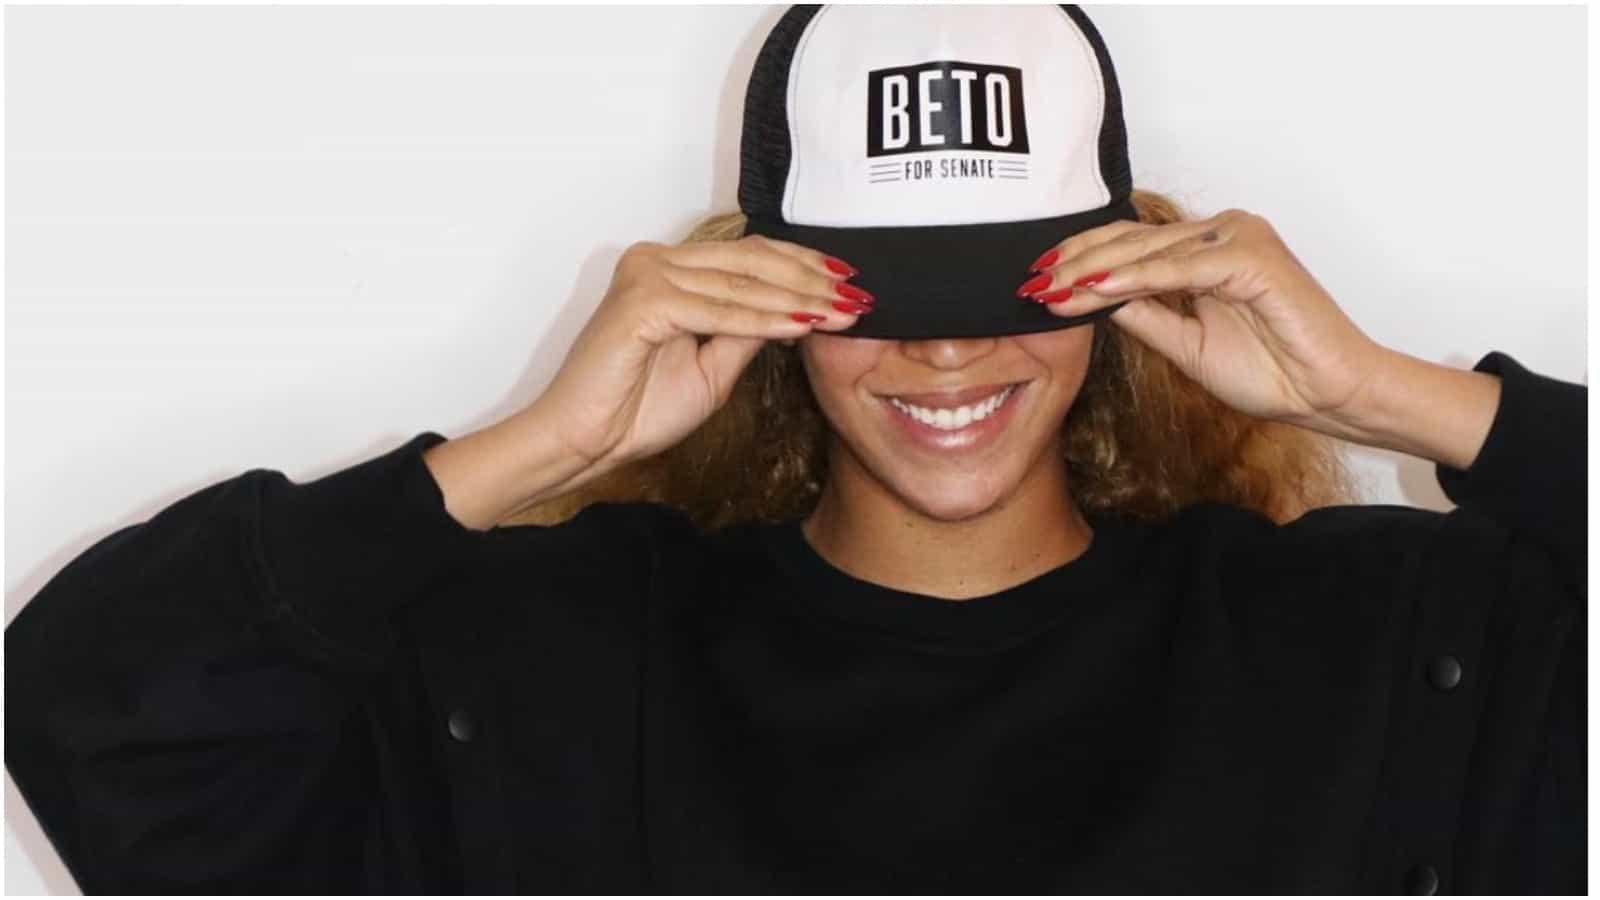 Beyoncé, Beto O'Rourke, Senate